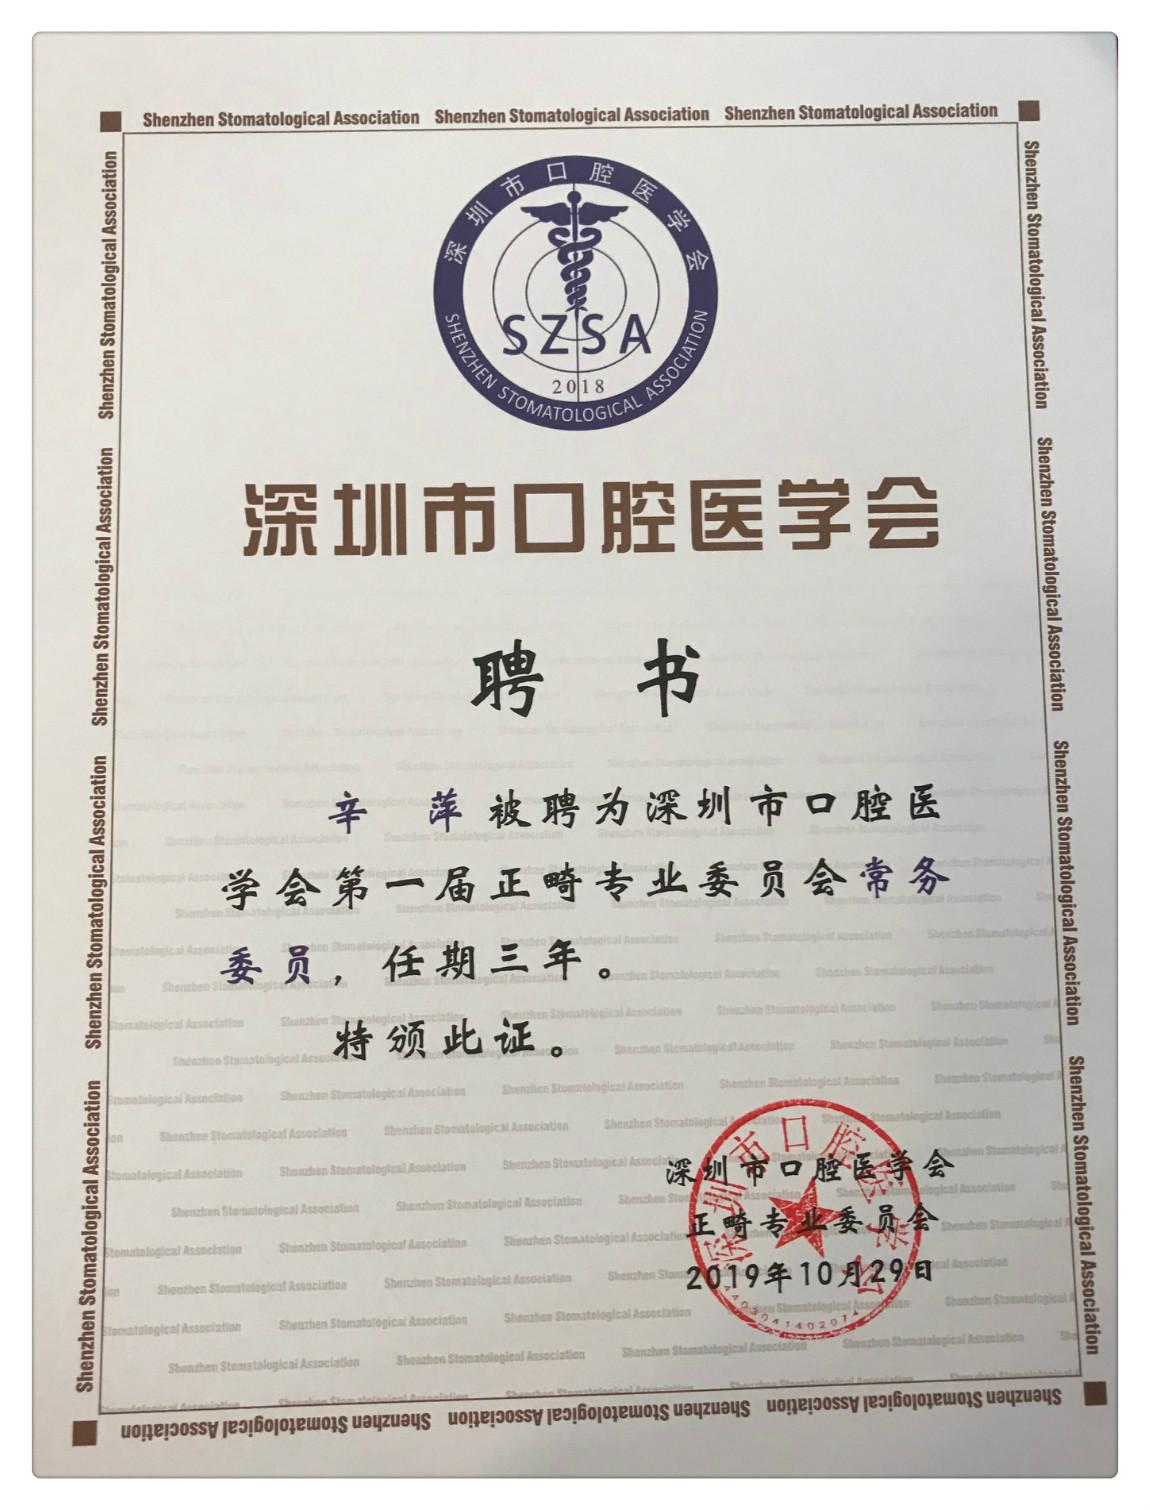 【祝贺】爱康健口腔辛萍总监当选深圳市口腔医学会正畸专委会委员